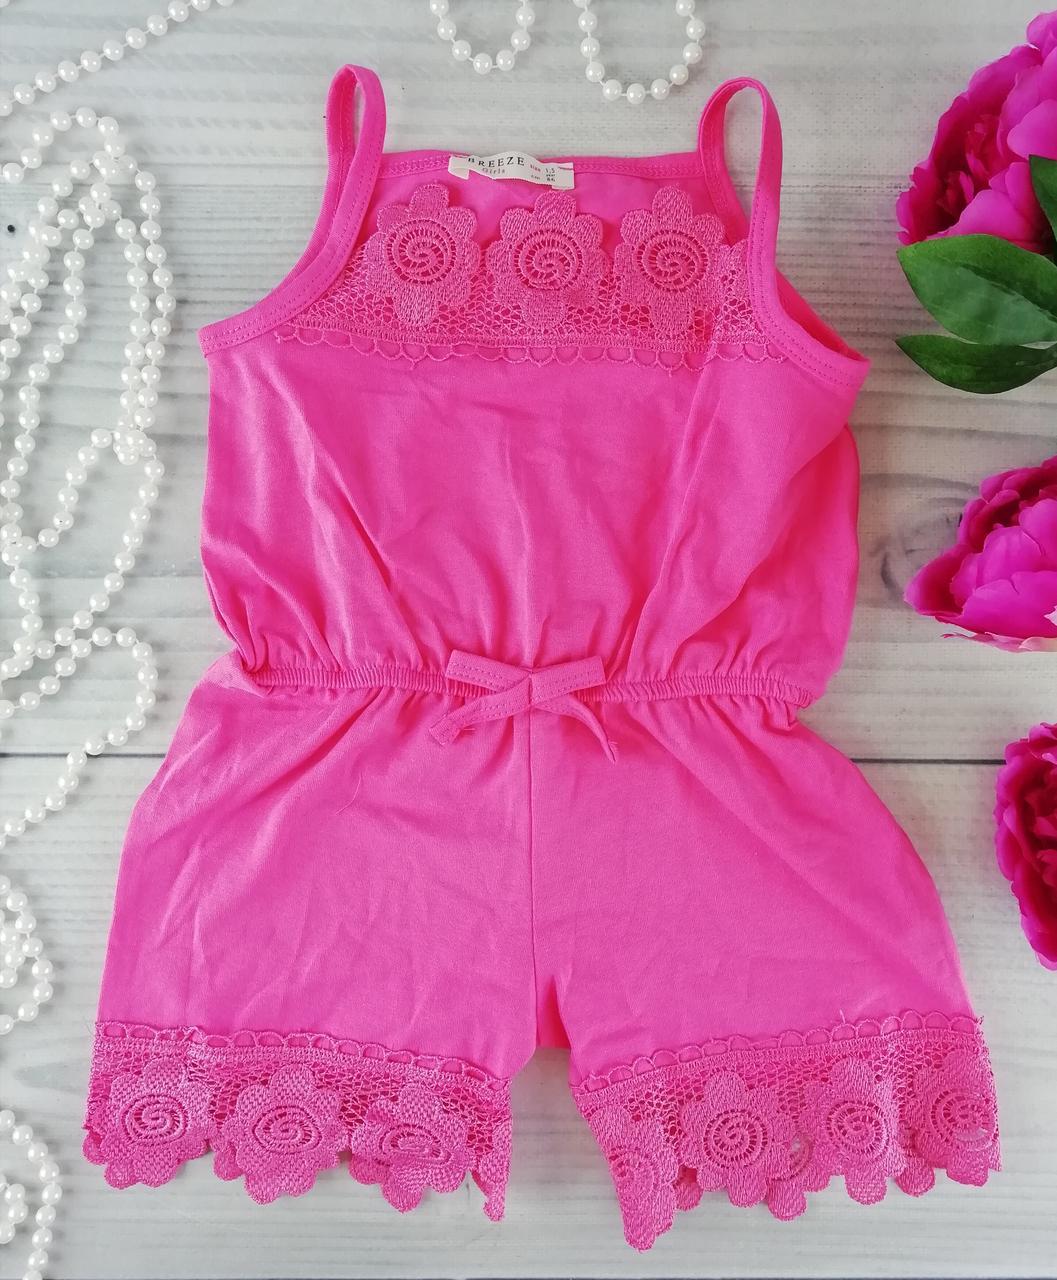 Комбинезон для девочек. Розовый Хлопок Breeze Турция 4 года, 104 см